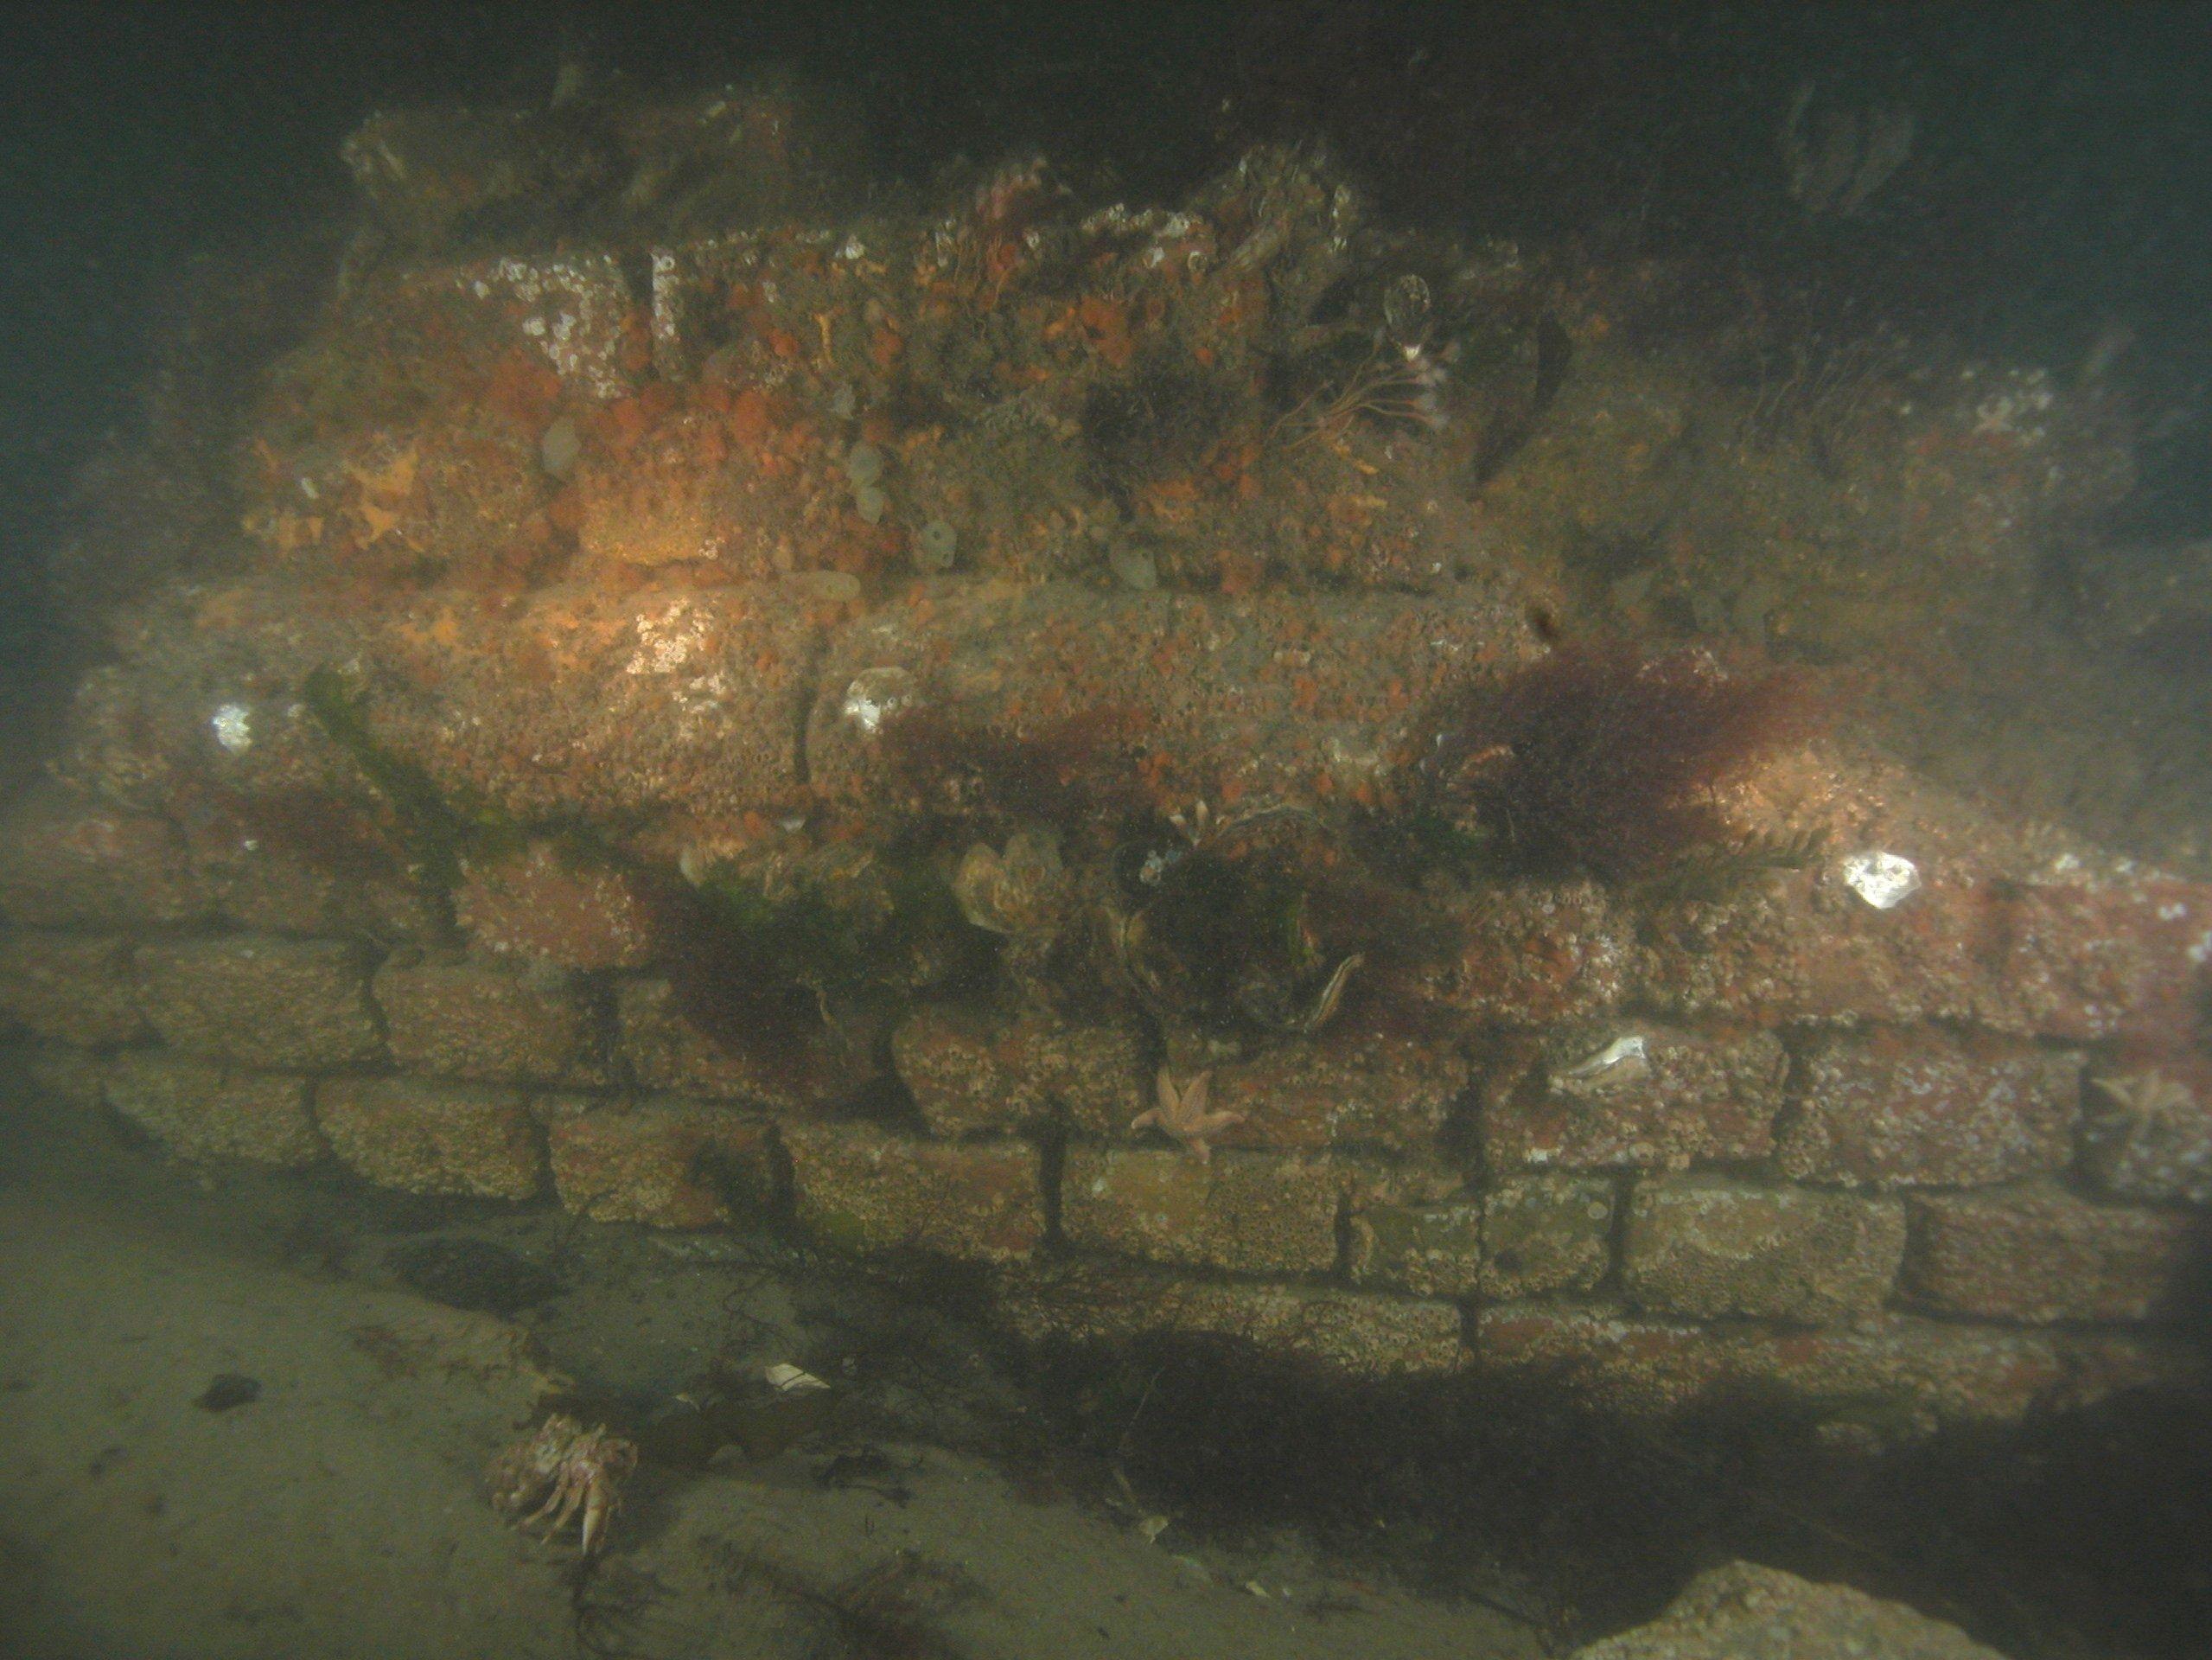 Muurresten op de bodem van het Lodijkshe Gat (foto E. Goyvaerts).